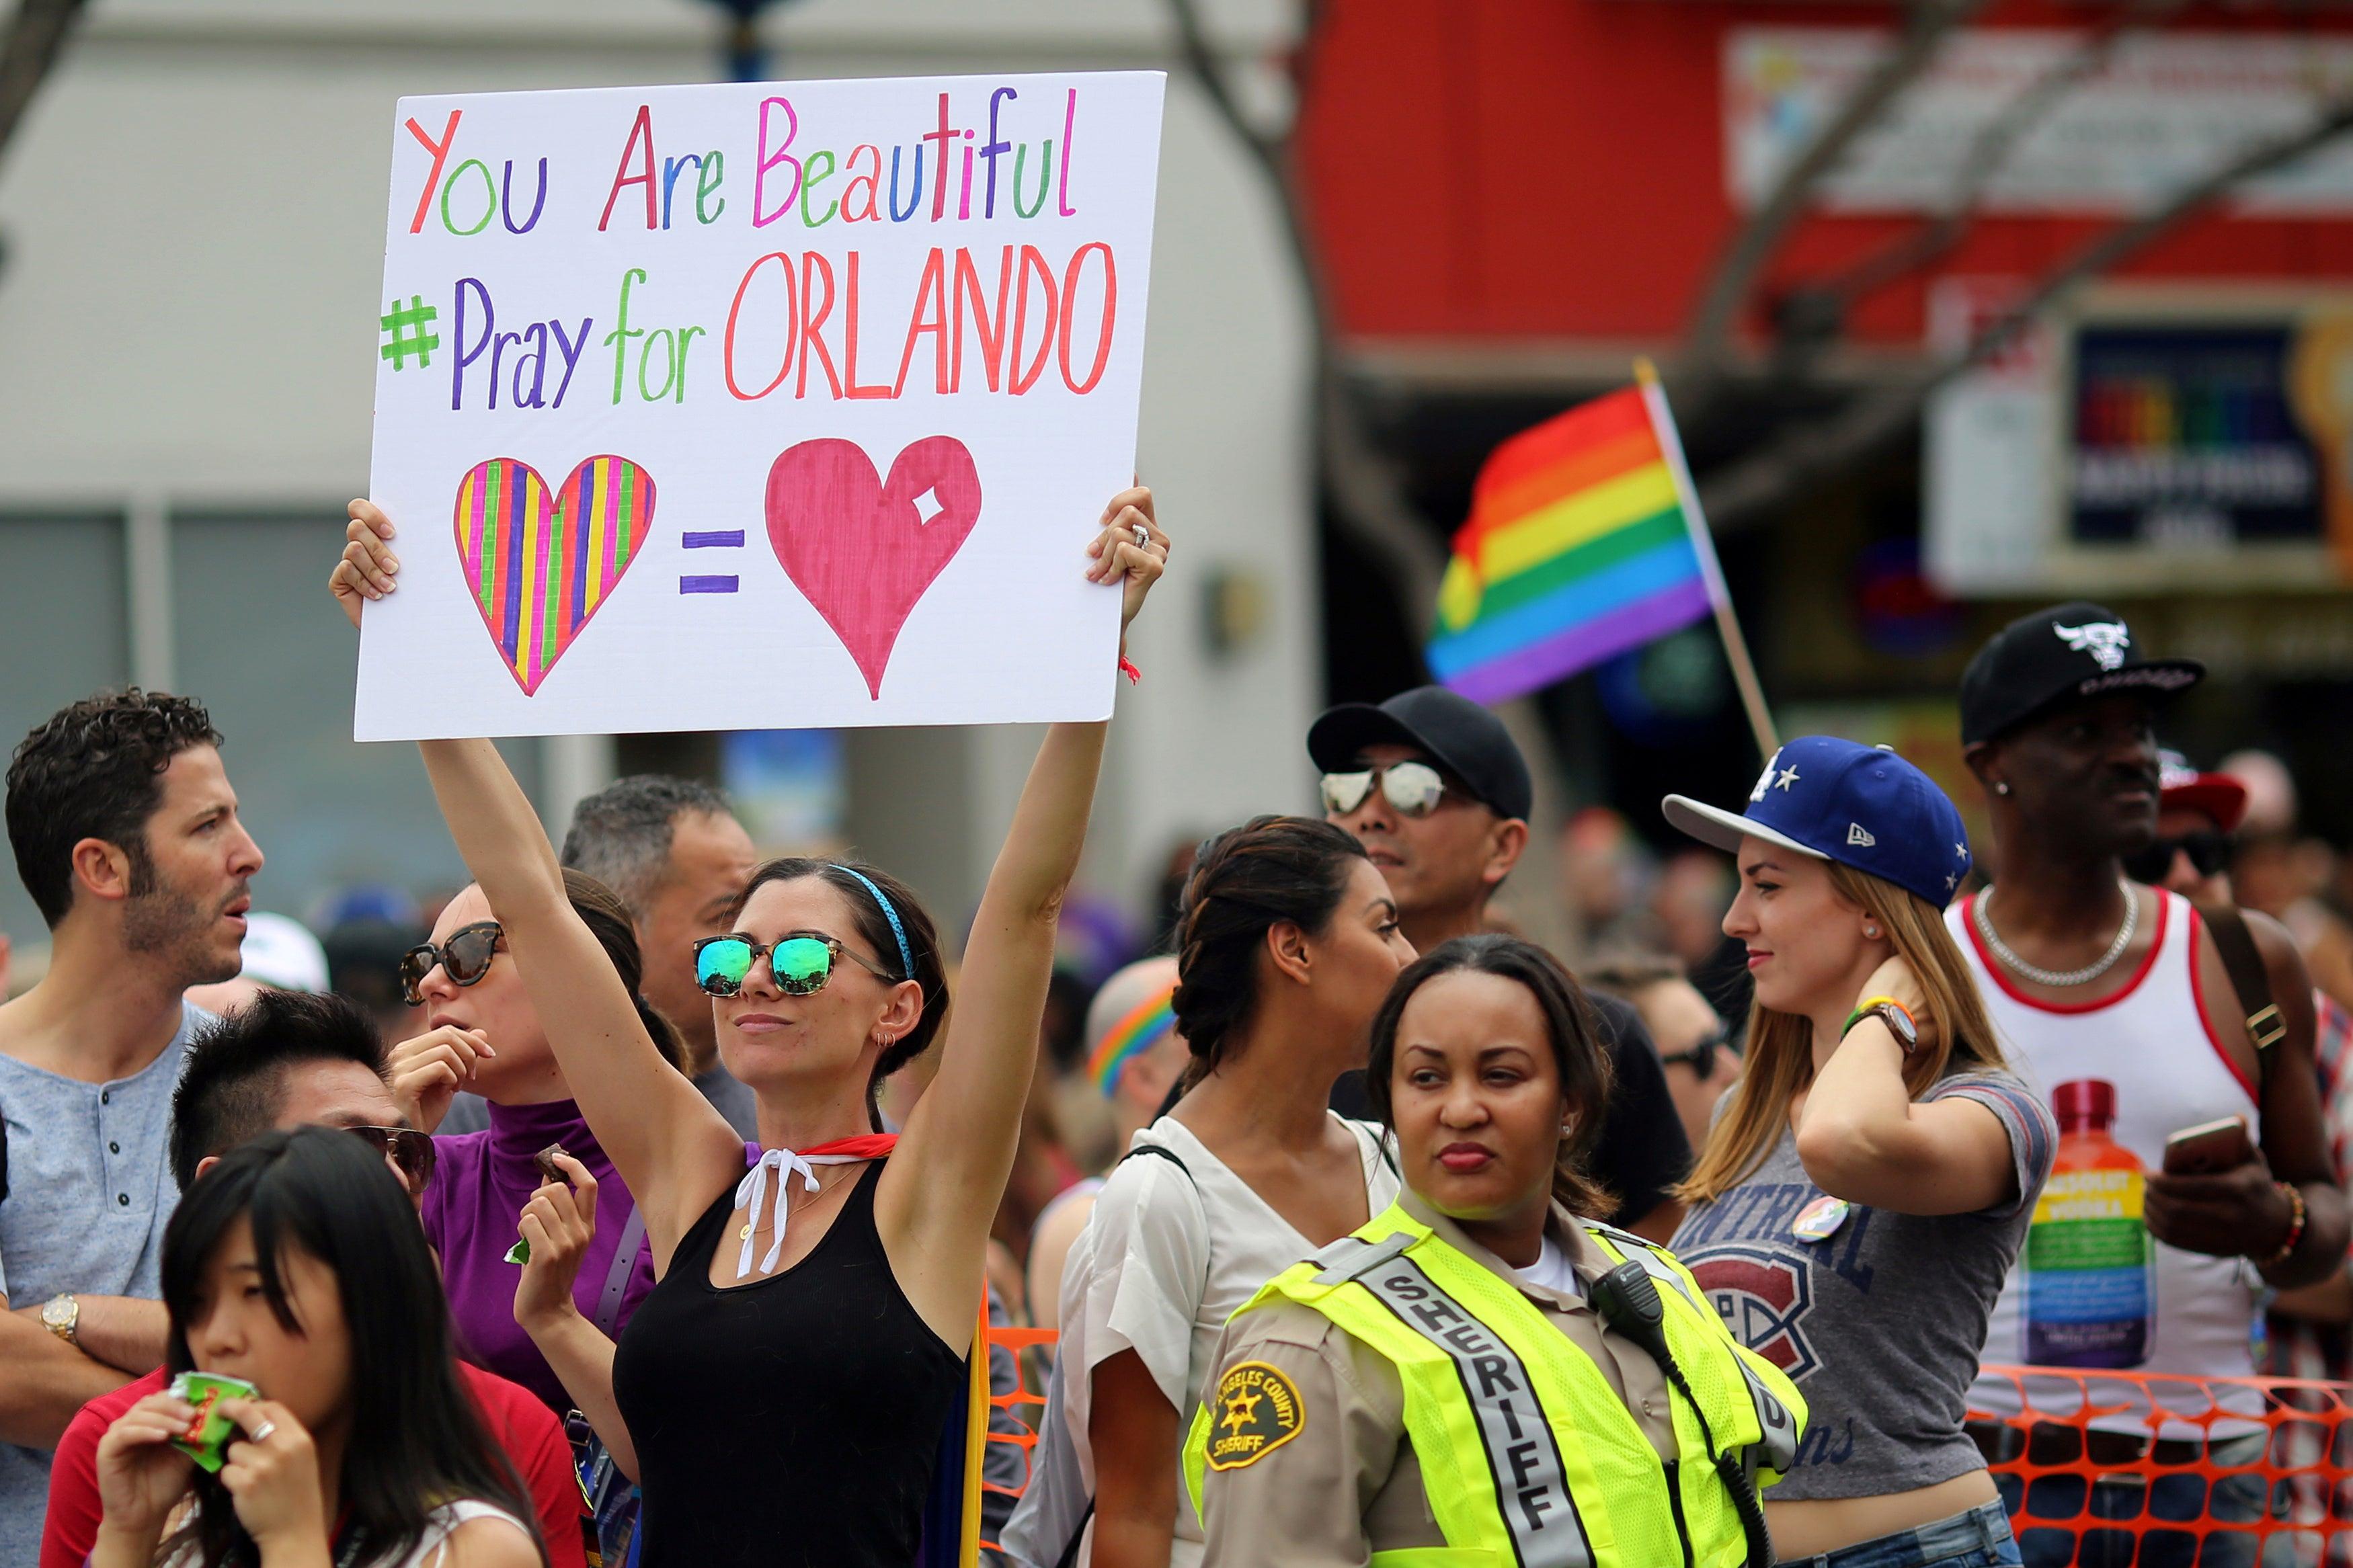 from Kole orlando gay pride parade